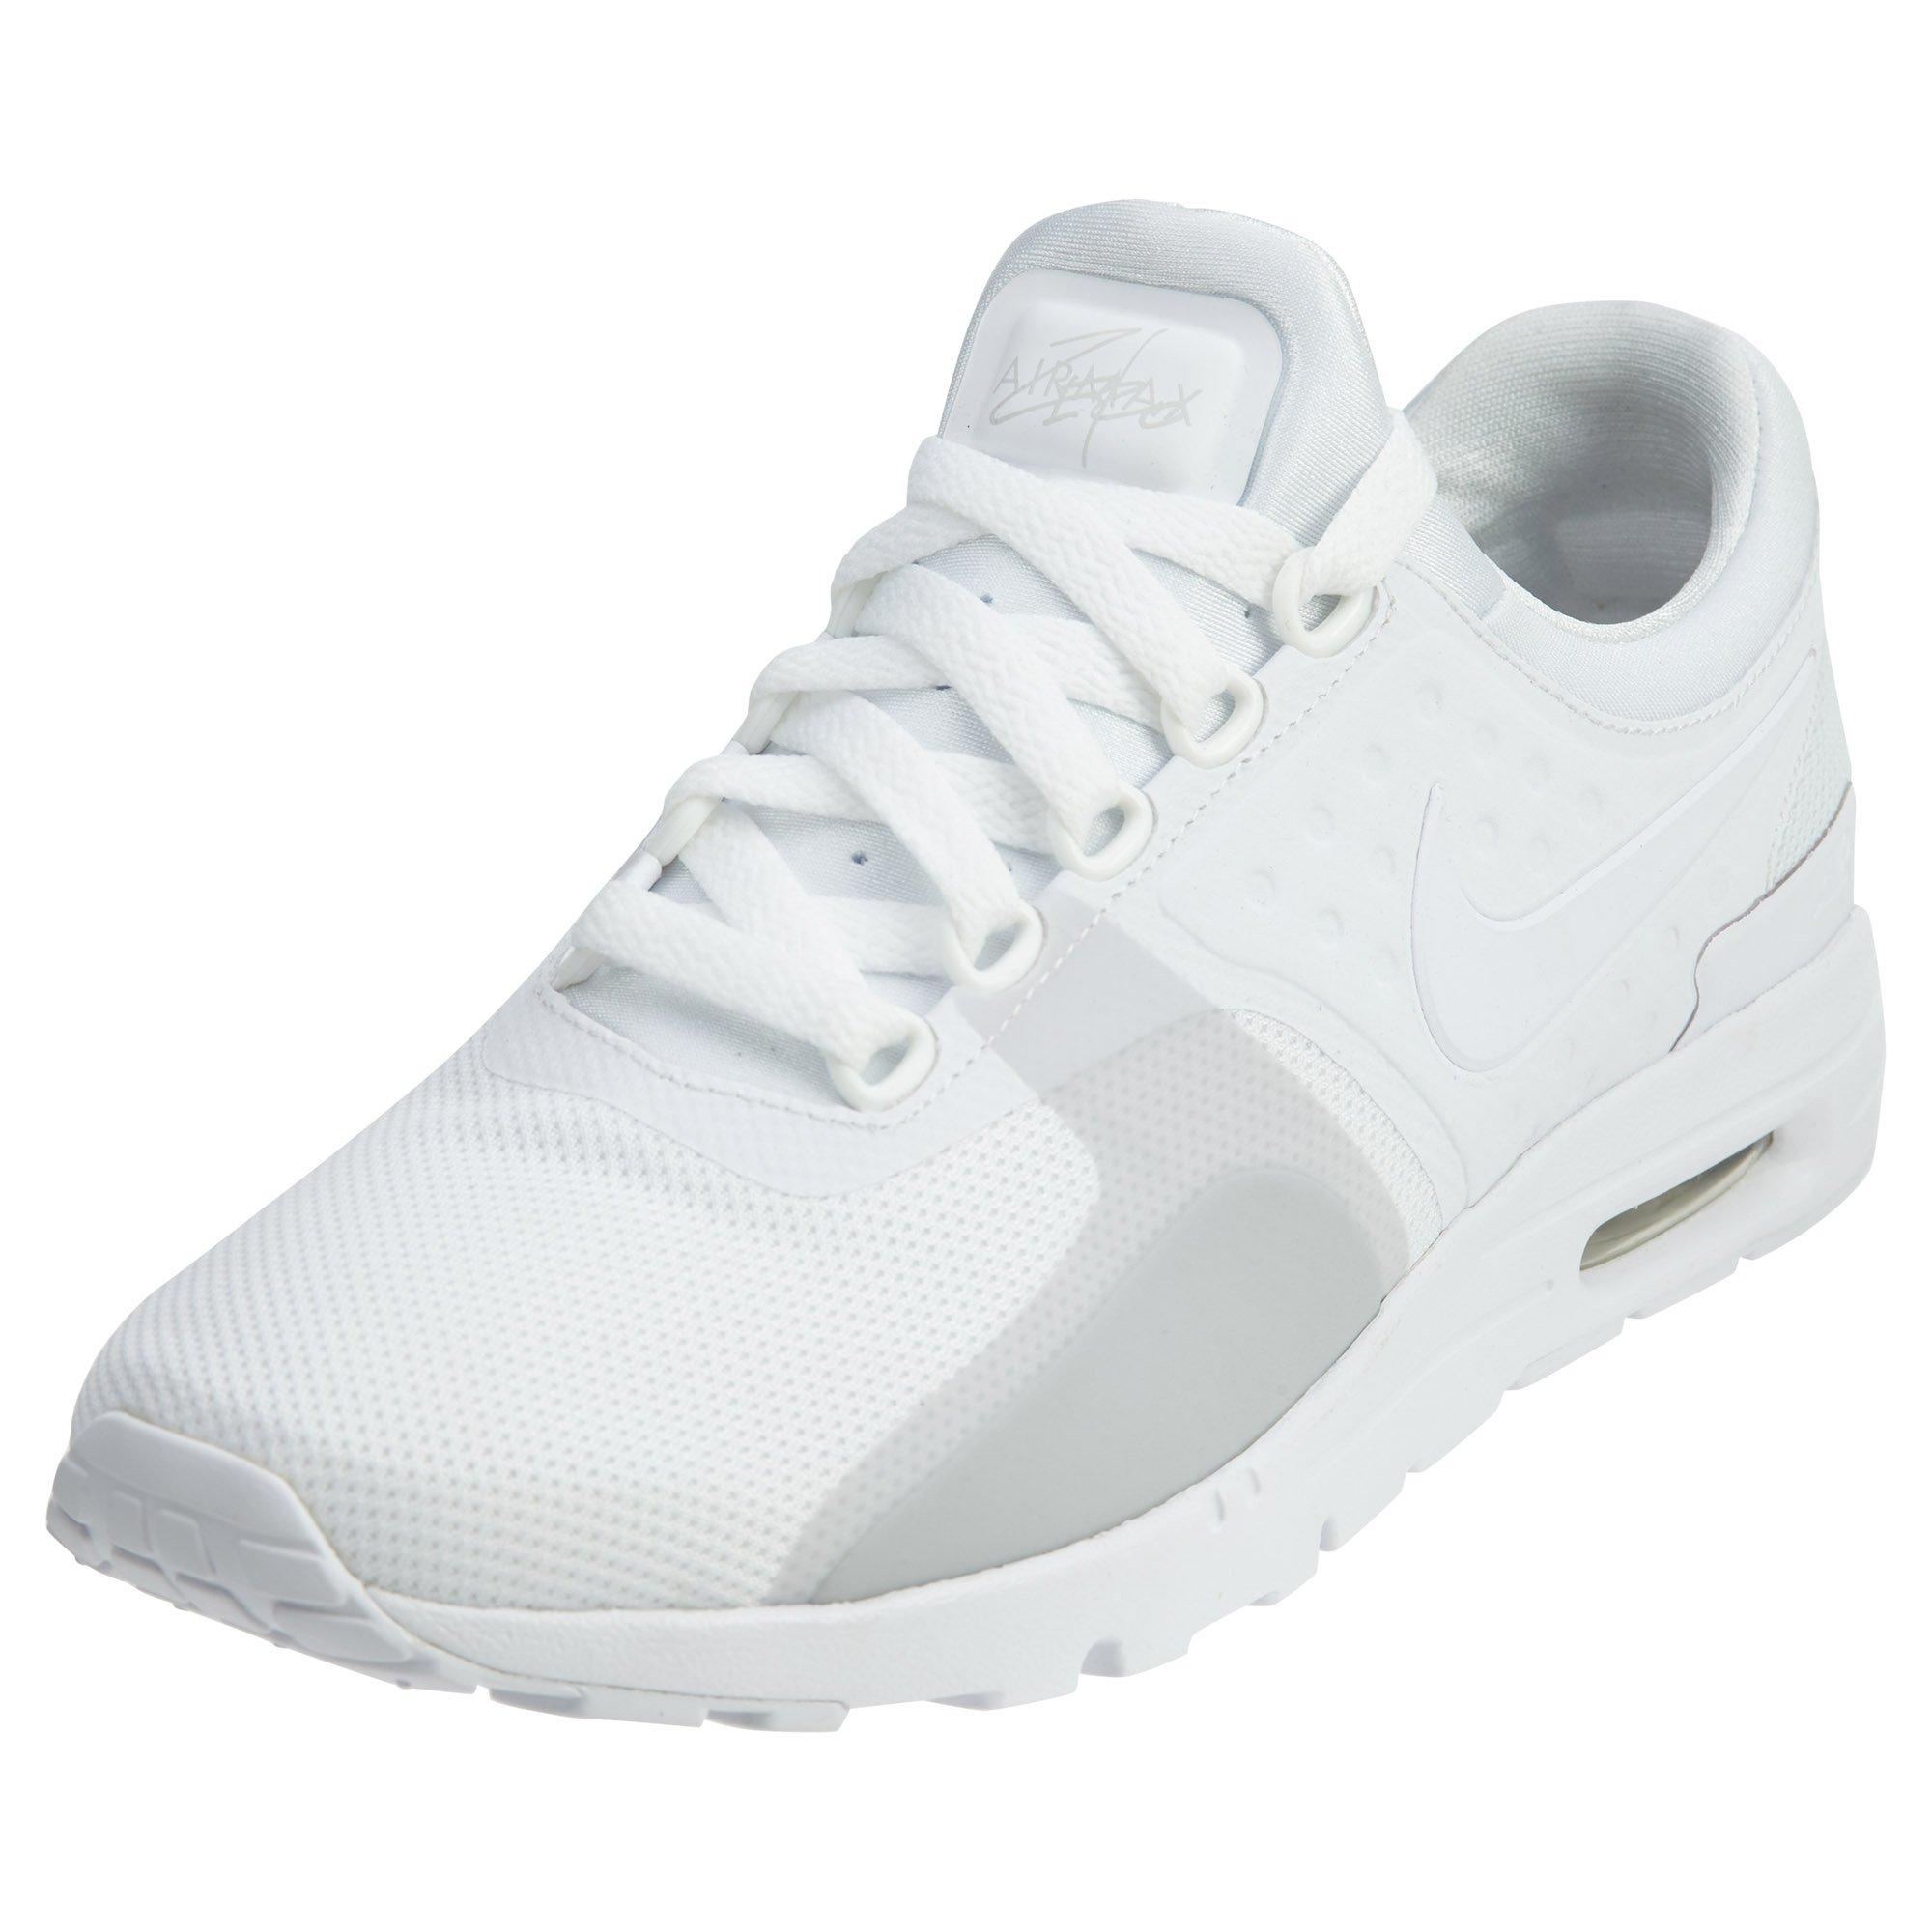 Nike Women's Air Max Zero White/White Pure Platinum Running Shoe 6 Women US